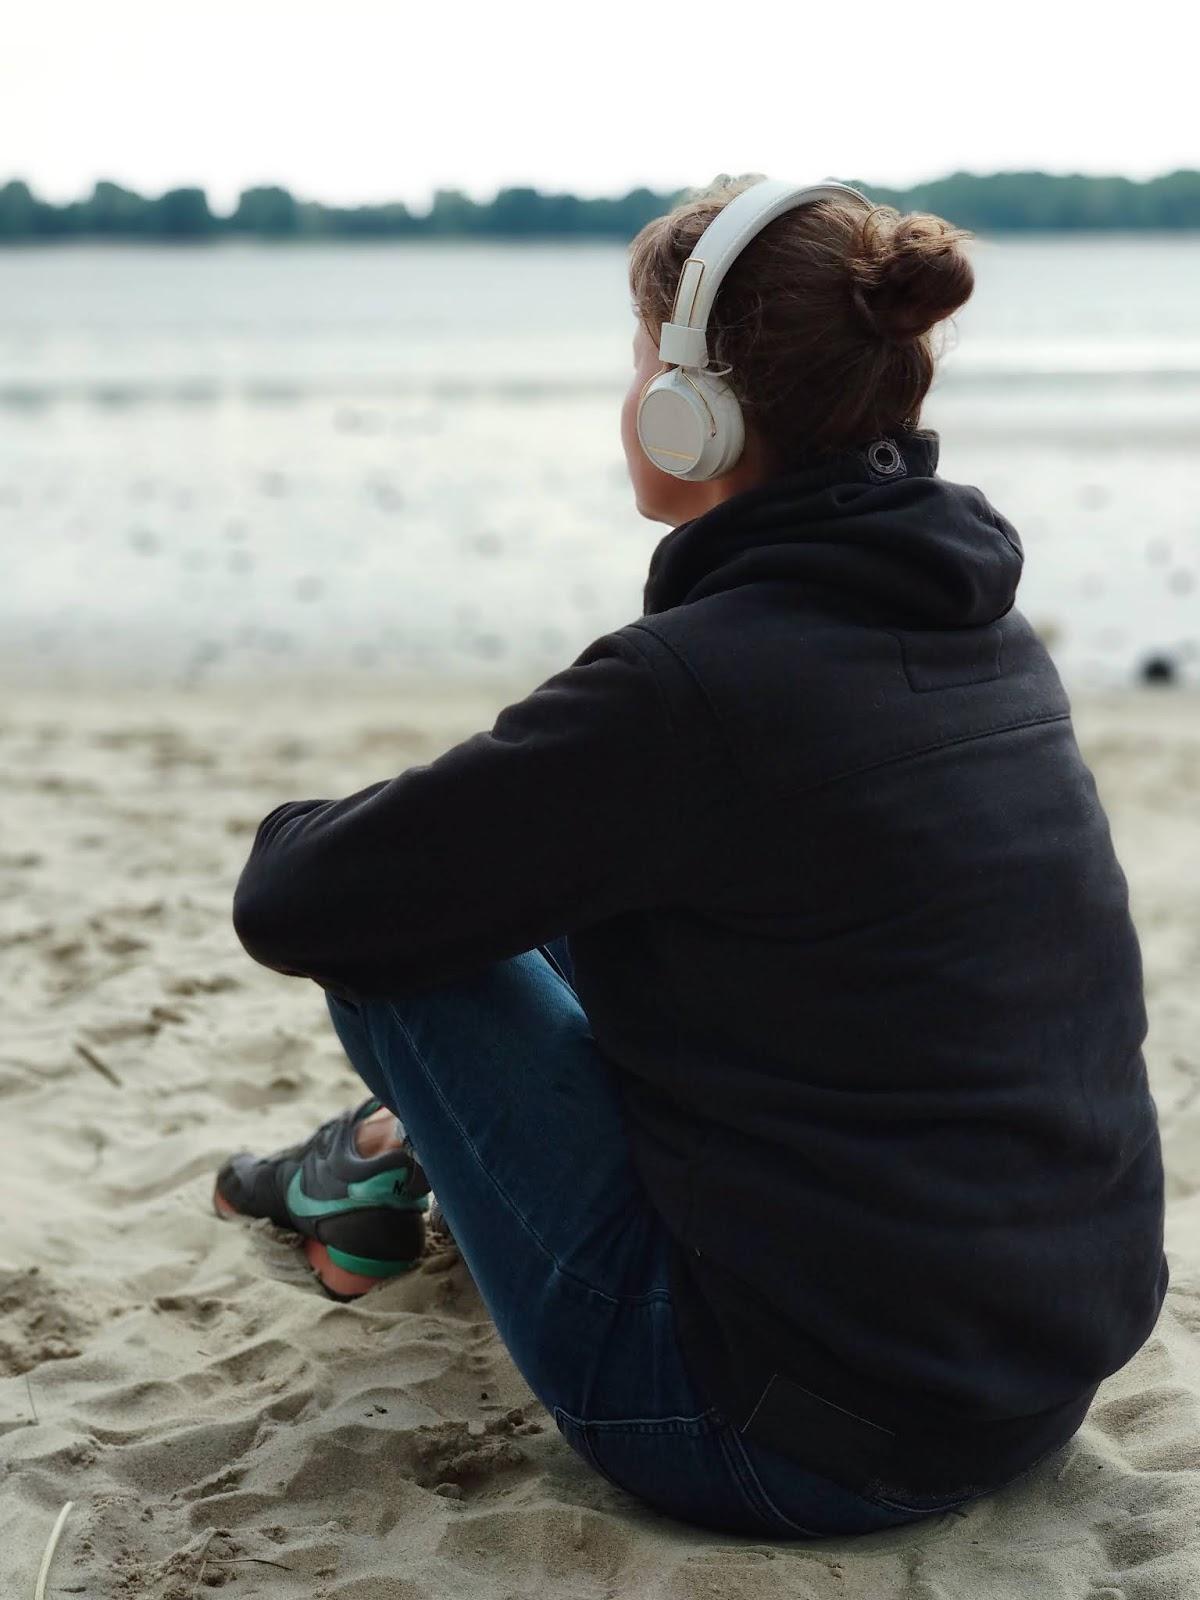 Mutterheldenzeit in SPO | Weil Helden eine Pause brauchen | Auszeiten schaffen | judetta.de